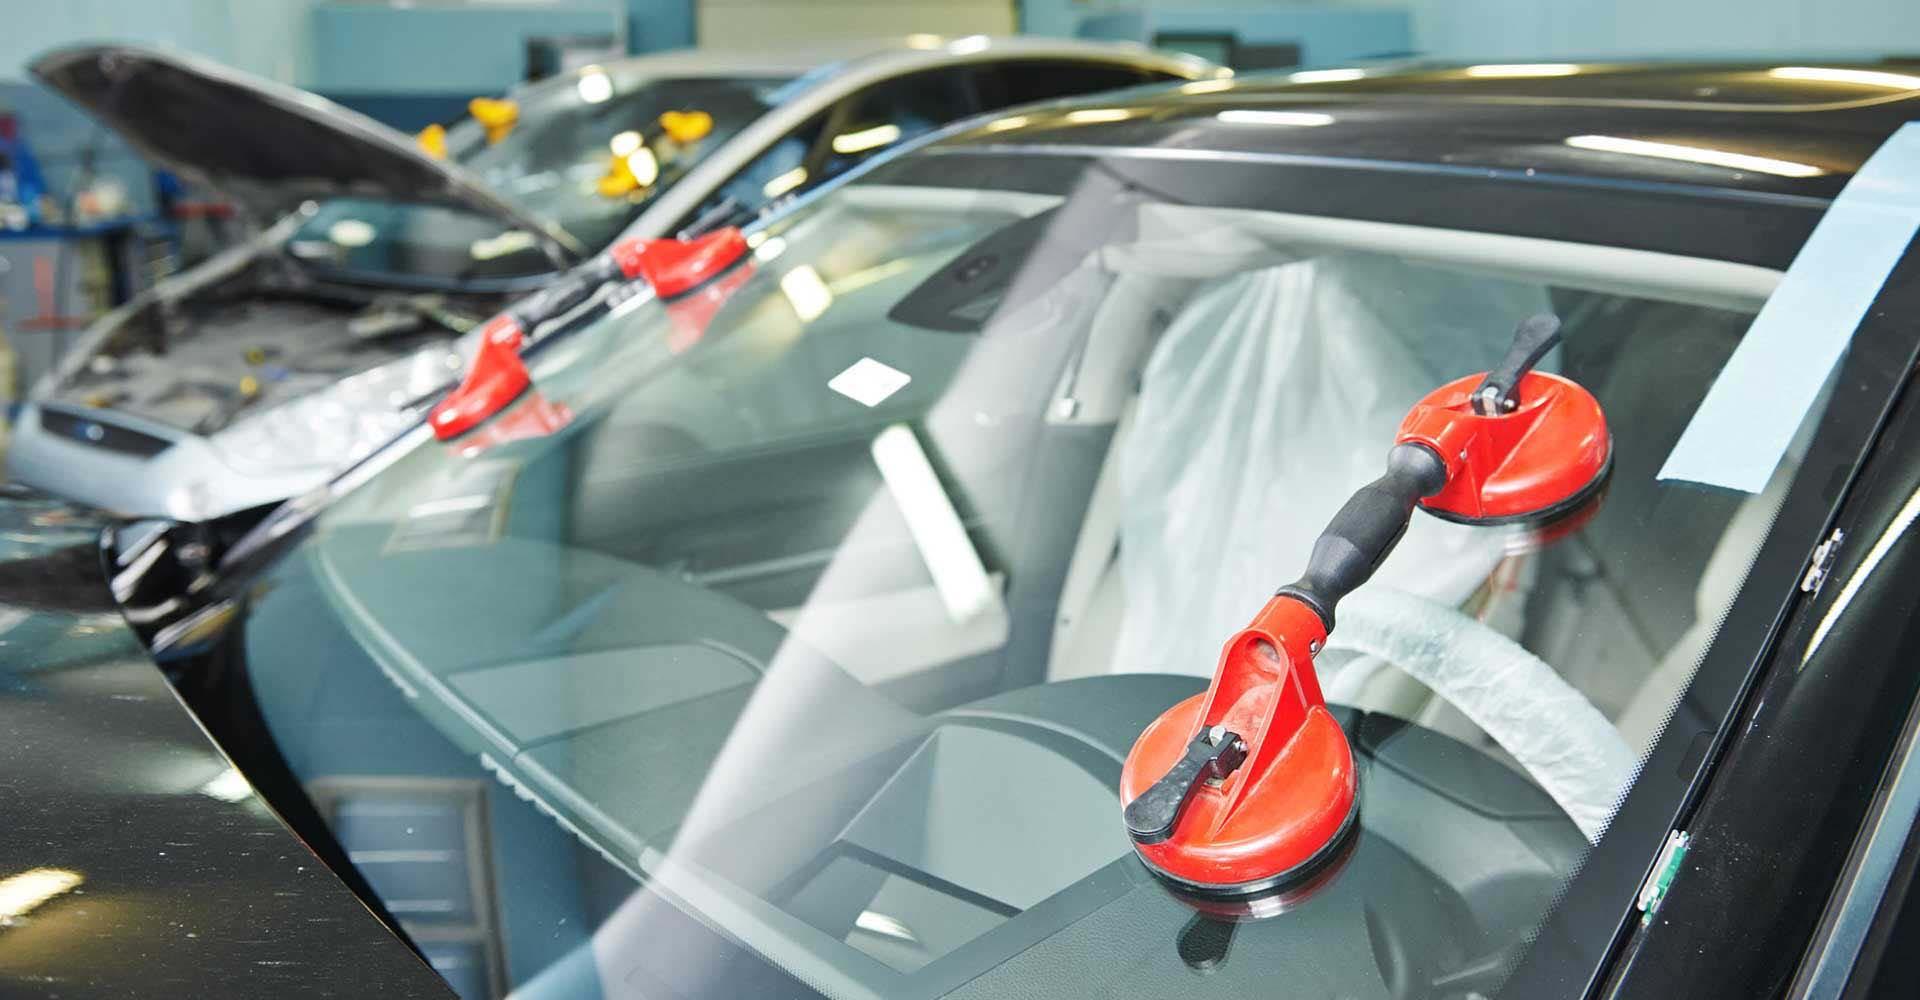 Cuáles son los beneficios de tener un reemplazo de vidrio automático?